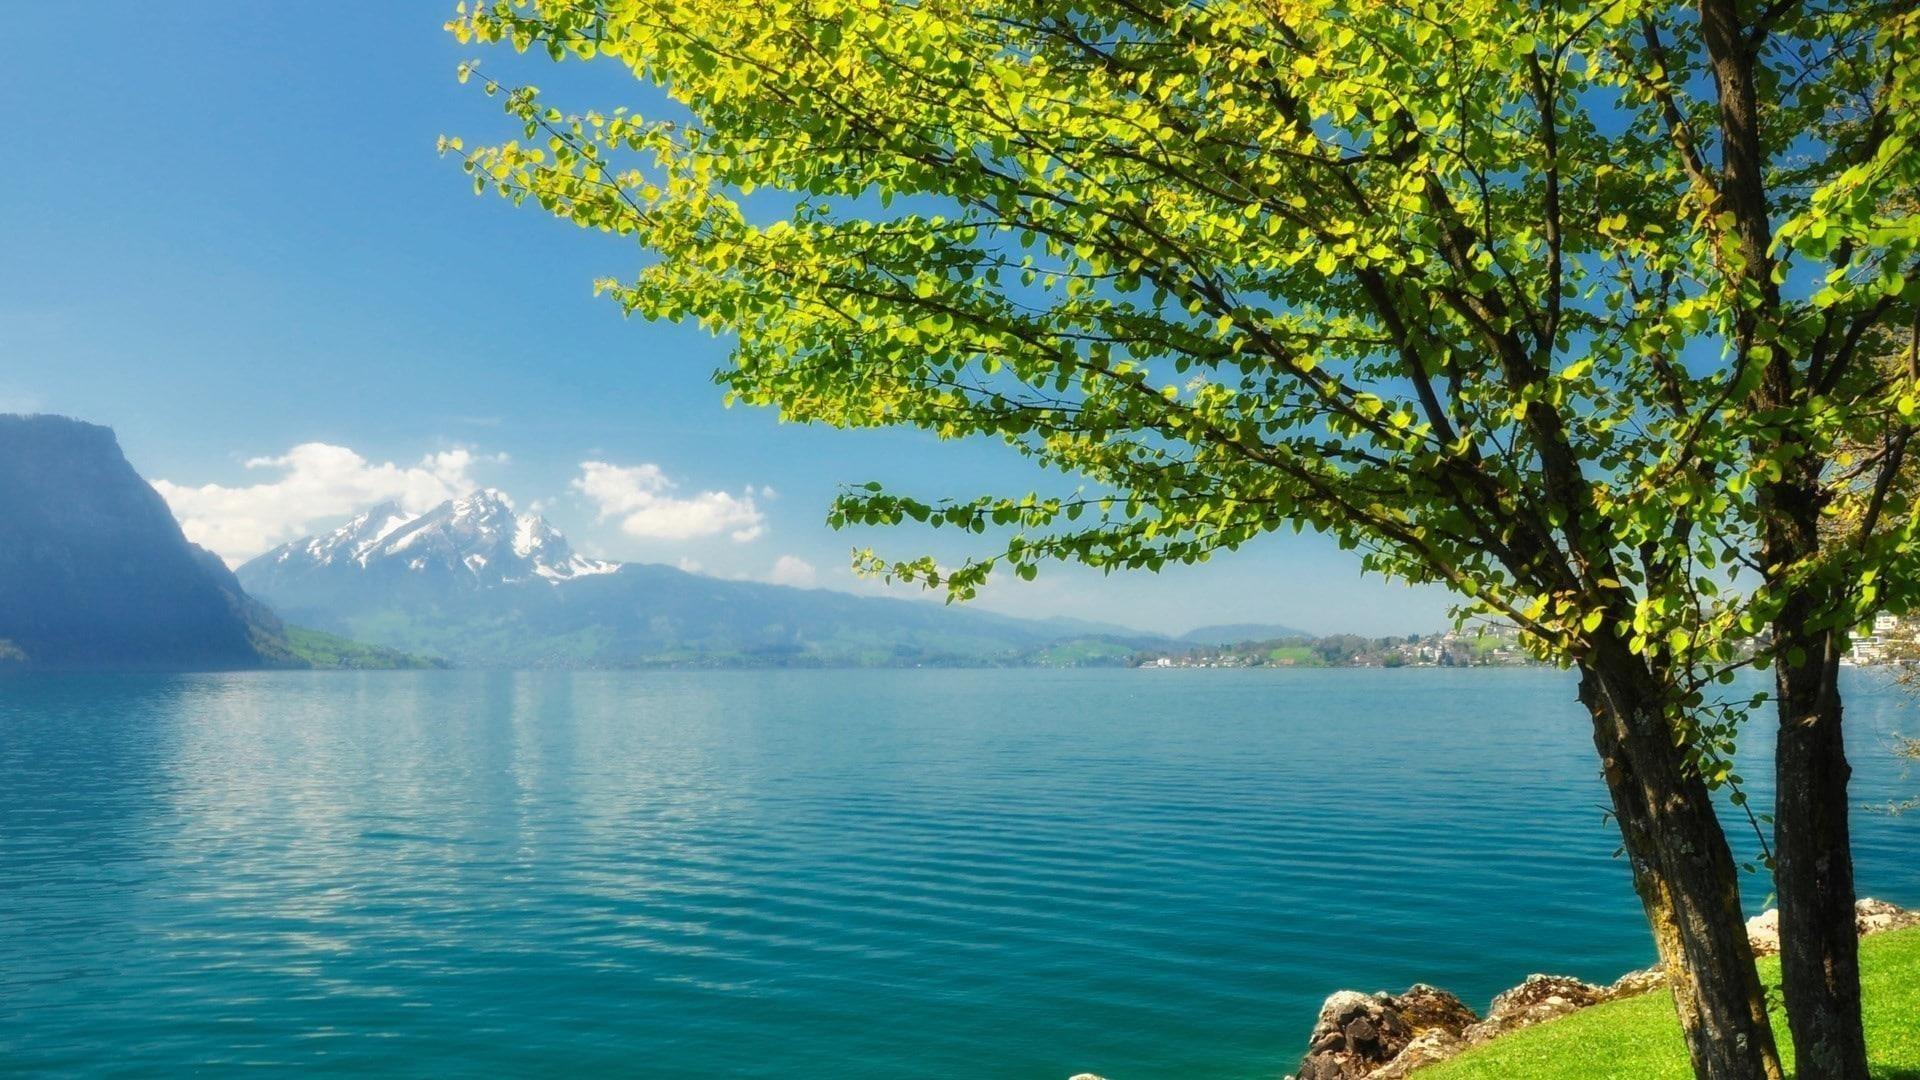 Зеленое лиственное дерево рядом со спокойным водоемом и пейзажным видом на горы под голубым небом природа обои скачать